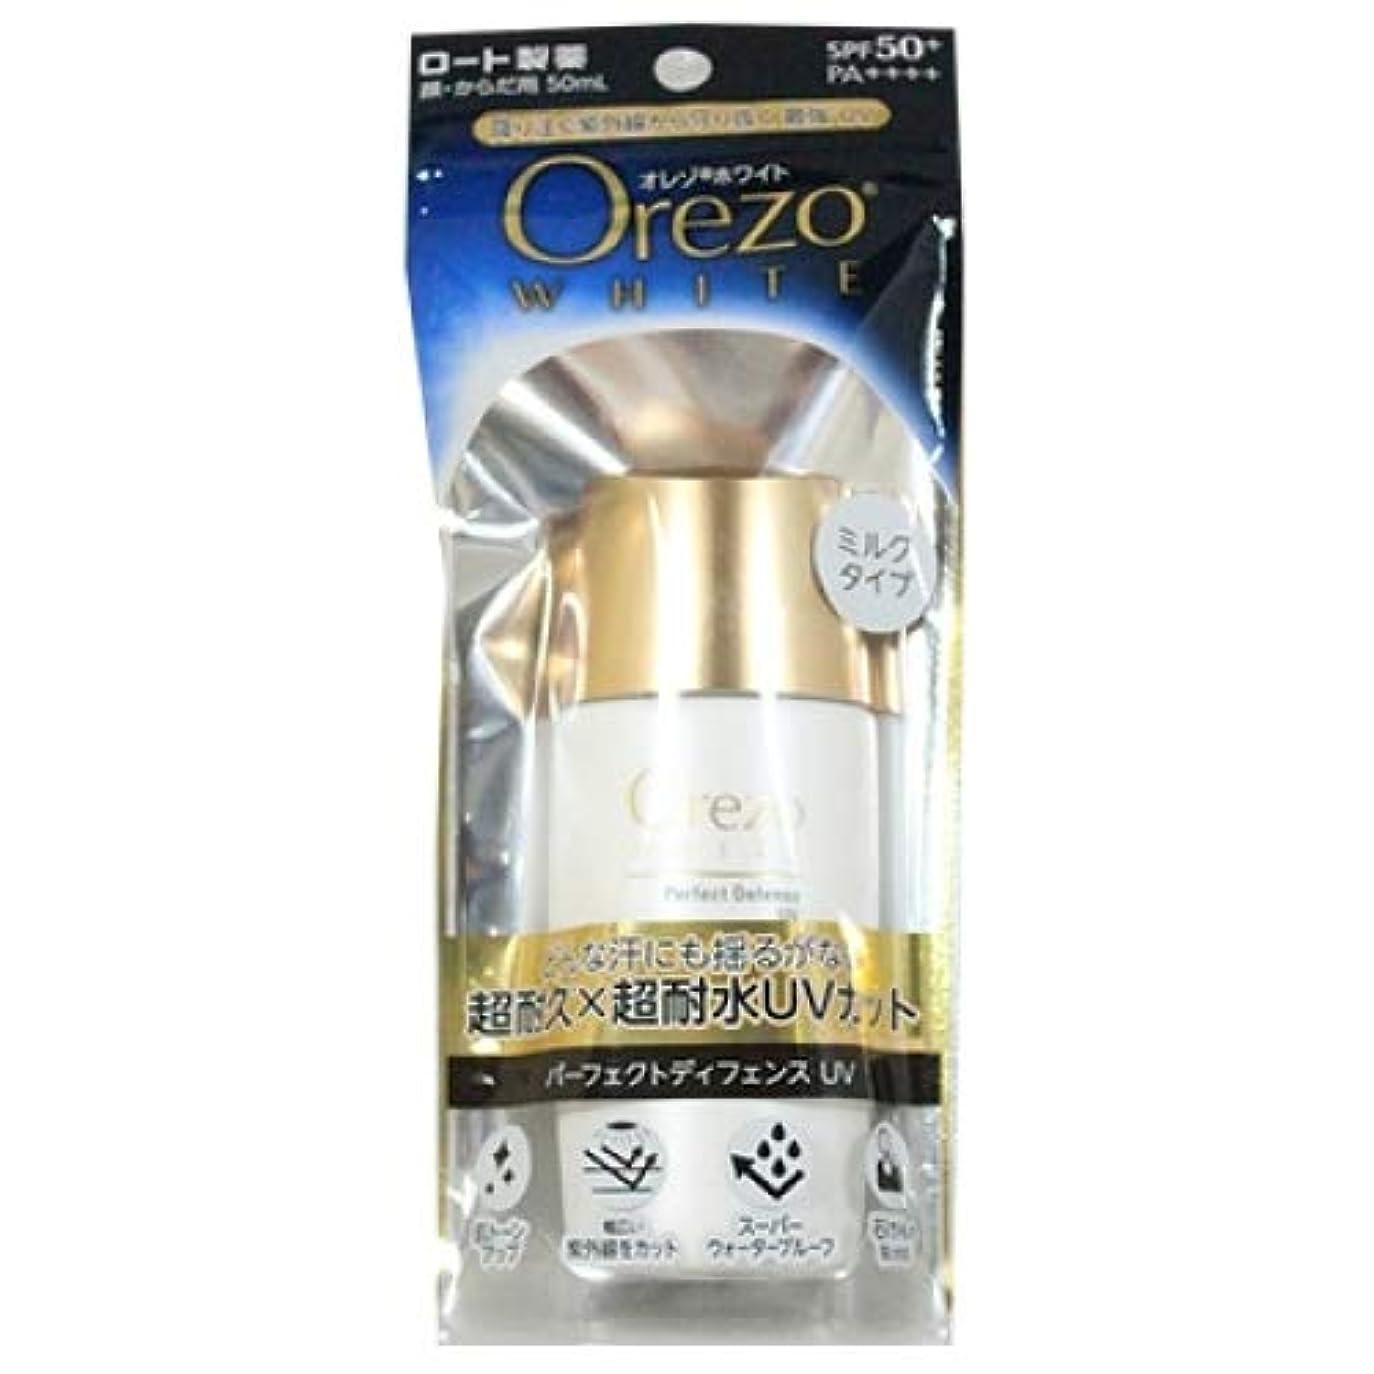 魅力的レザーより平らなロート製薬 Orezo オレゾ ホワイト パーフェクトディフェンスUVa SPF50+ PA++++ (50mL)